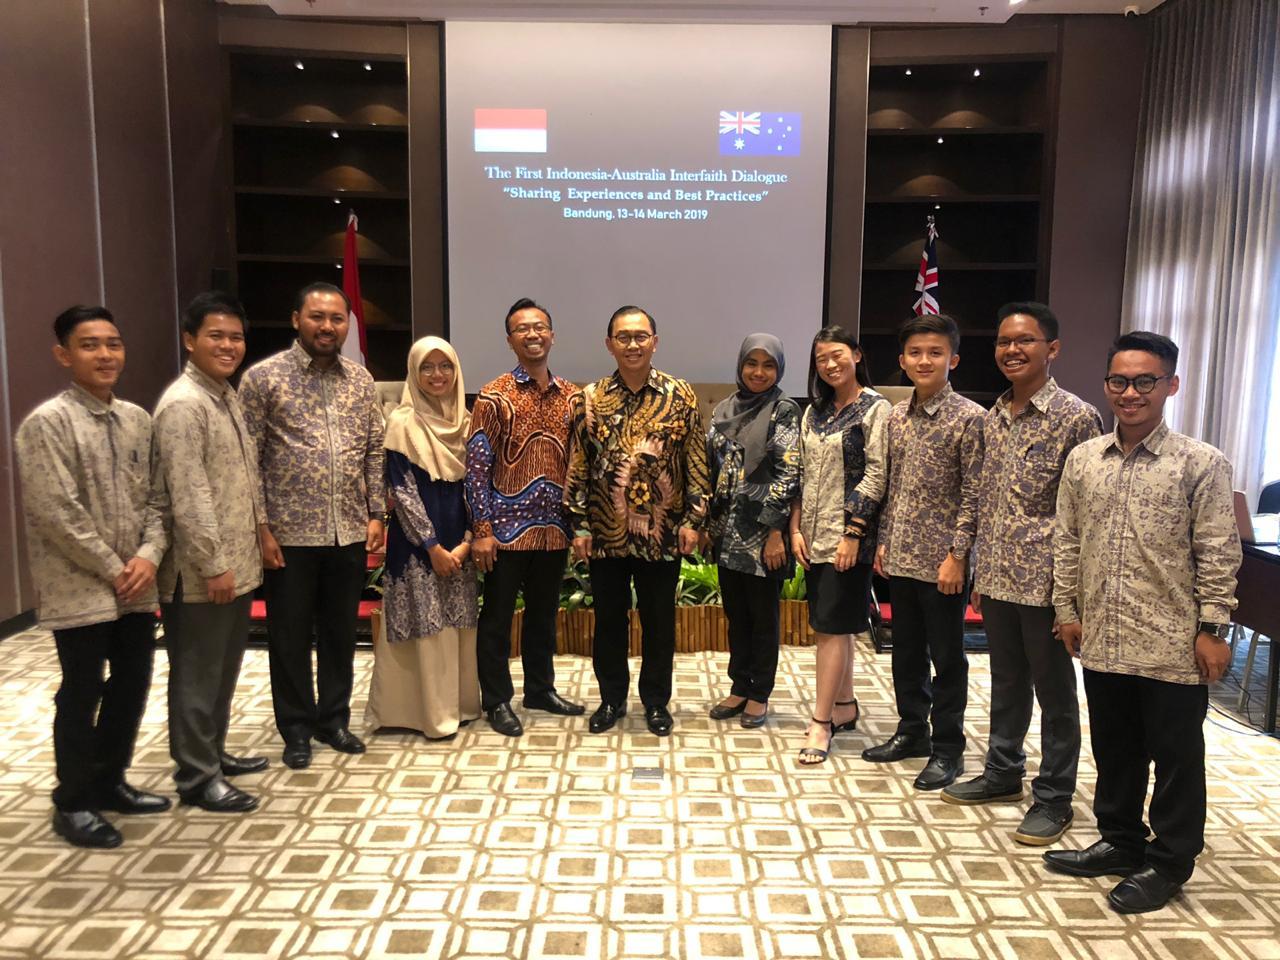 Menjadi Peserta Aktif, Mahasiswa PPM Hadiri Dialog Antaragama Indonesia-Australia